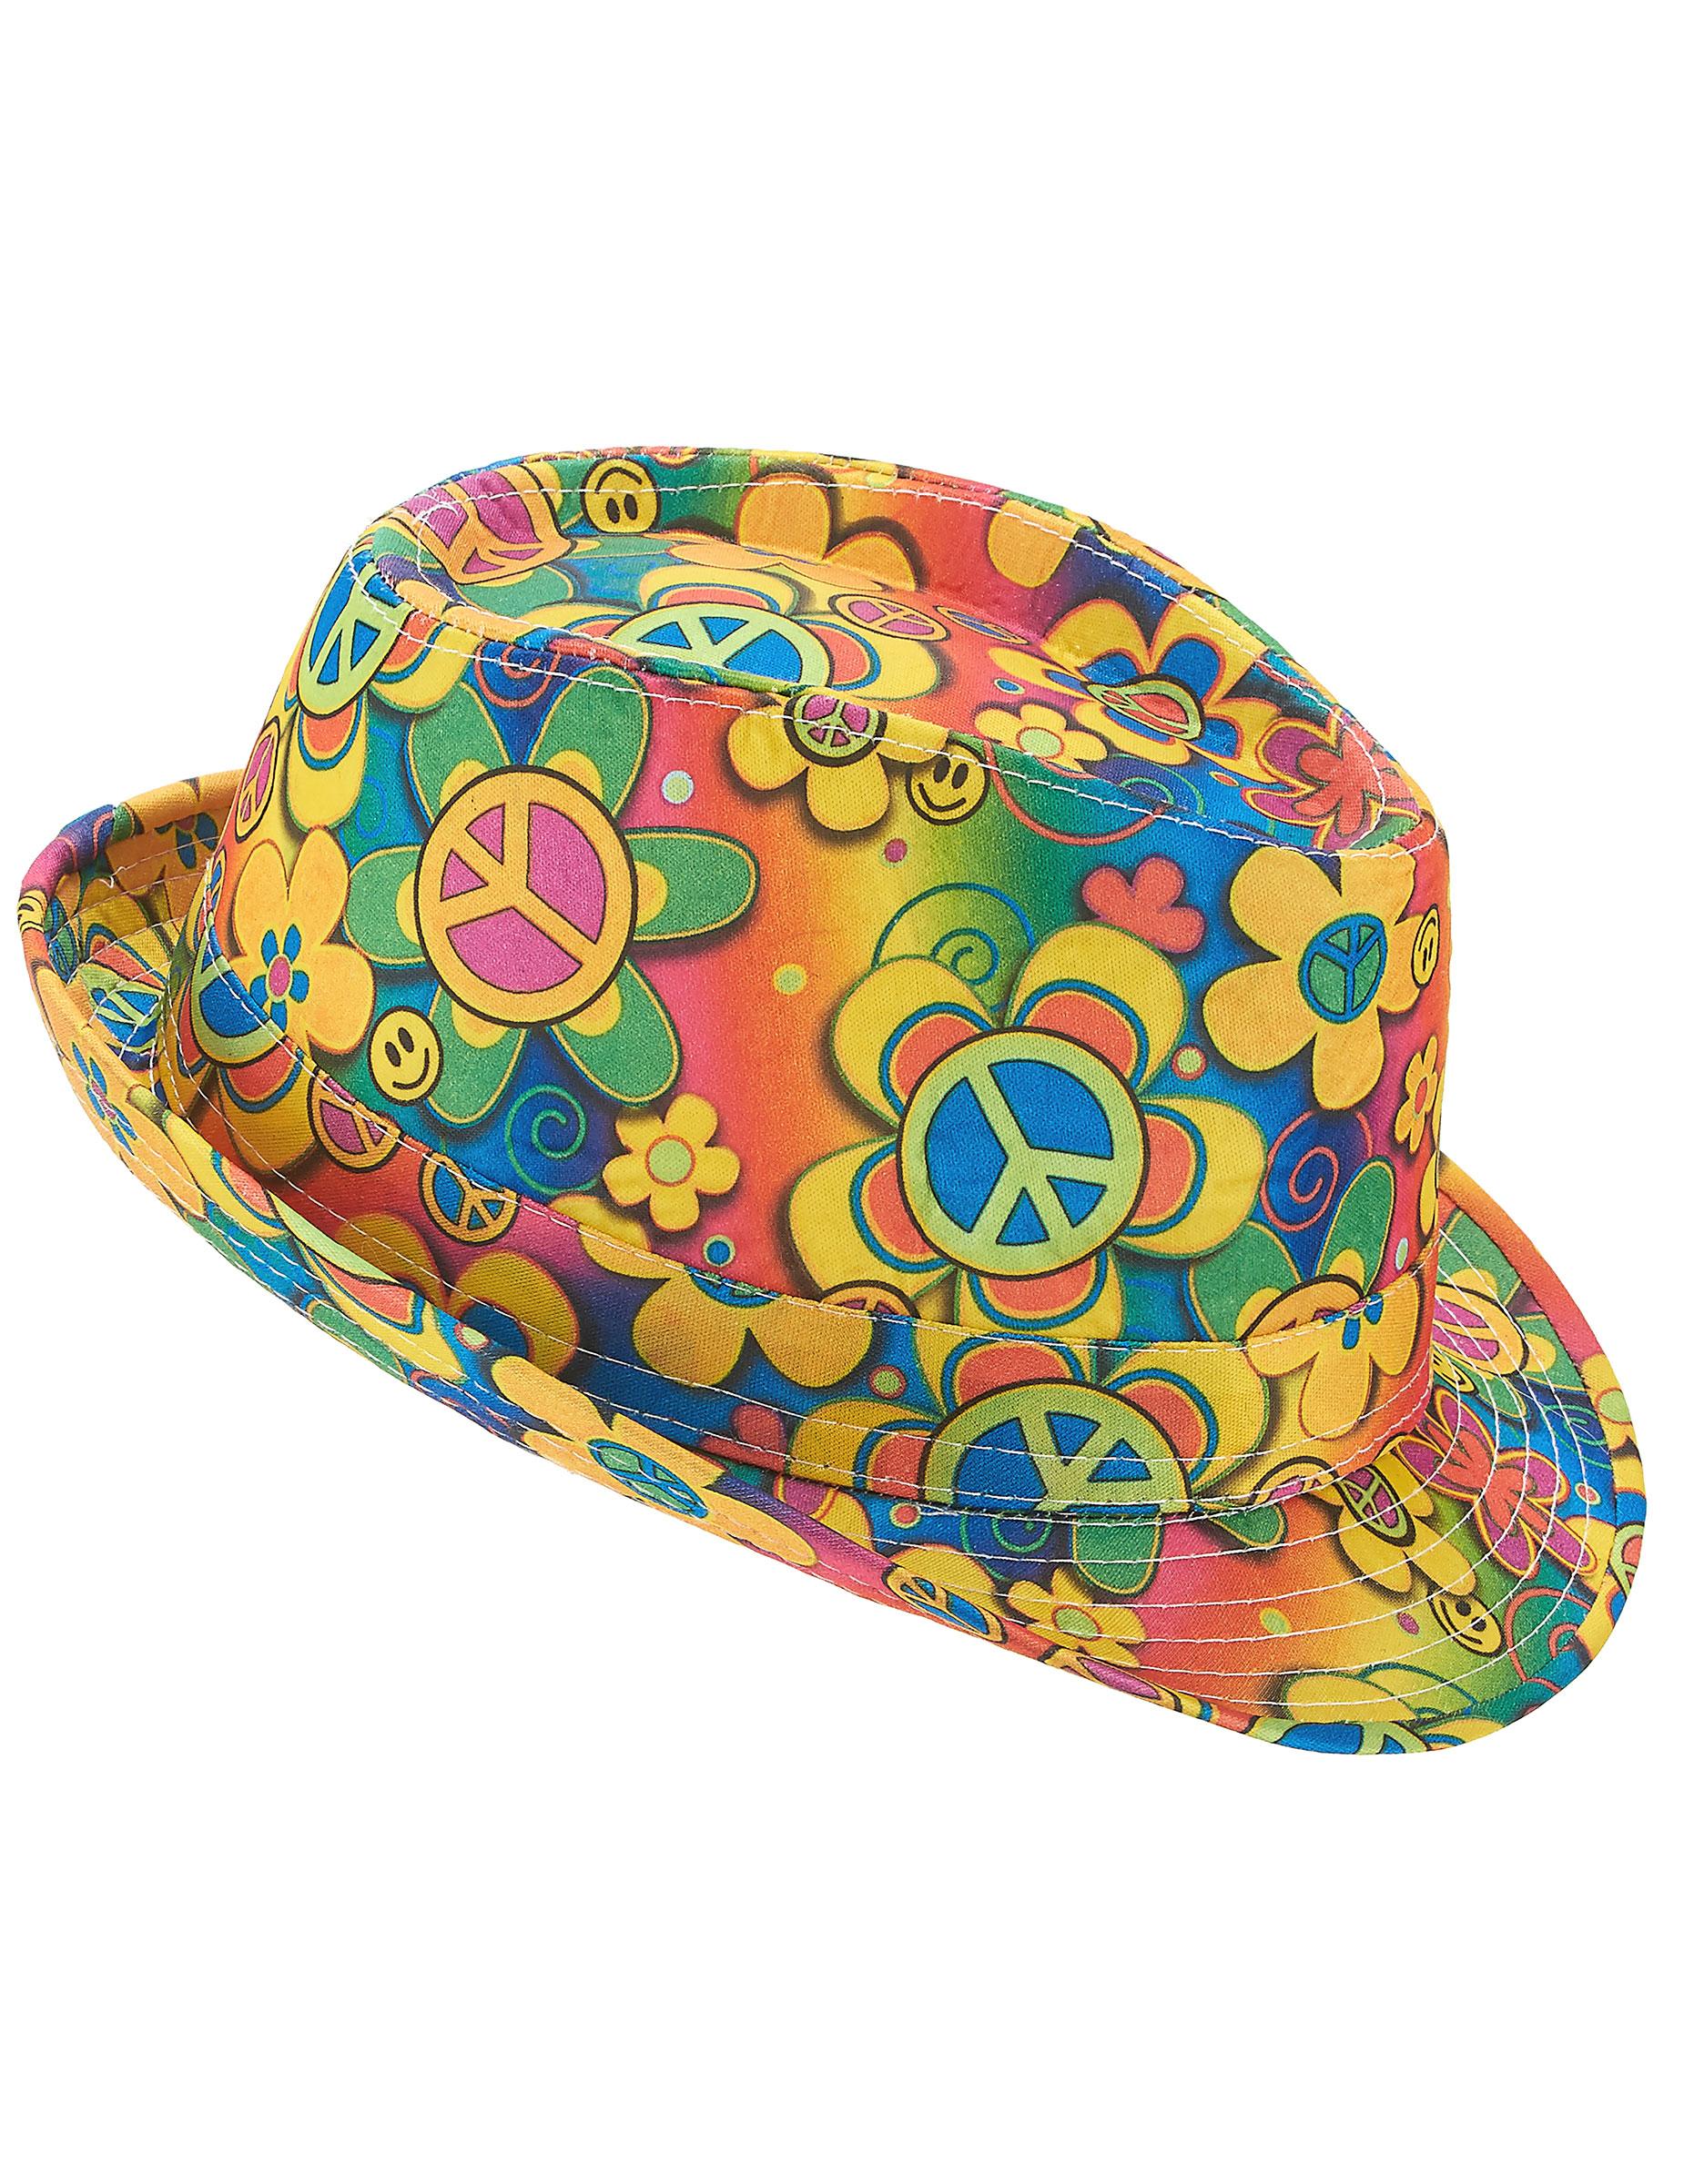 Sombreros Orgullo Gay para disfraces y fiestas de cumpleaños - Vegaoo.es 6afb8b086ca